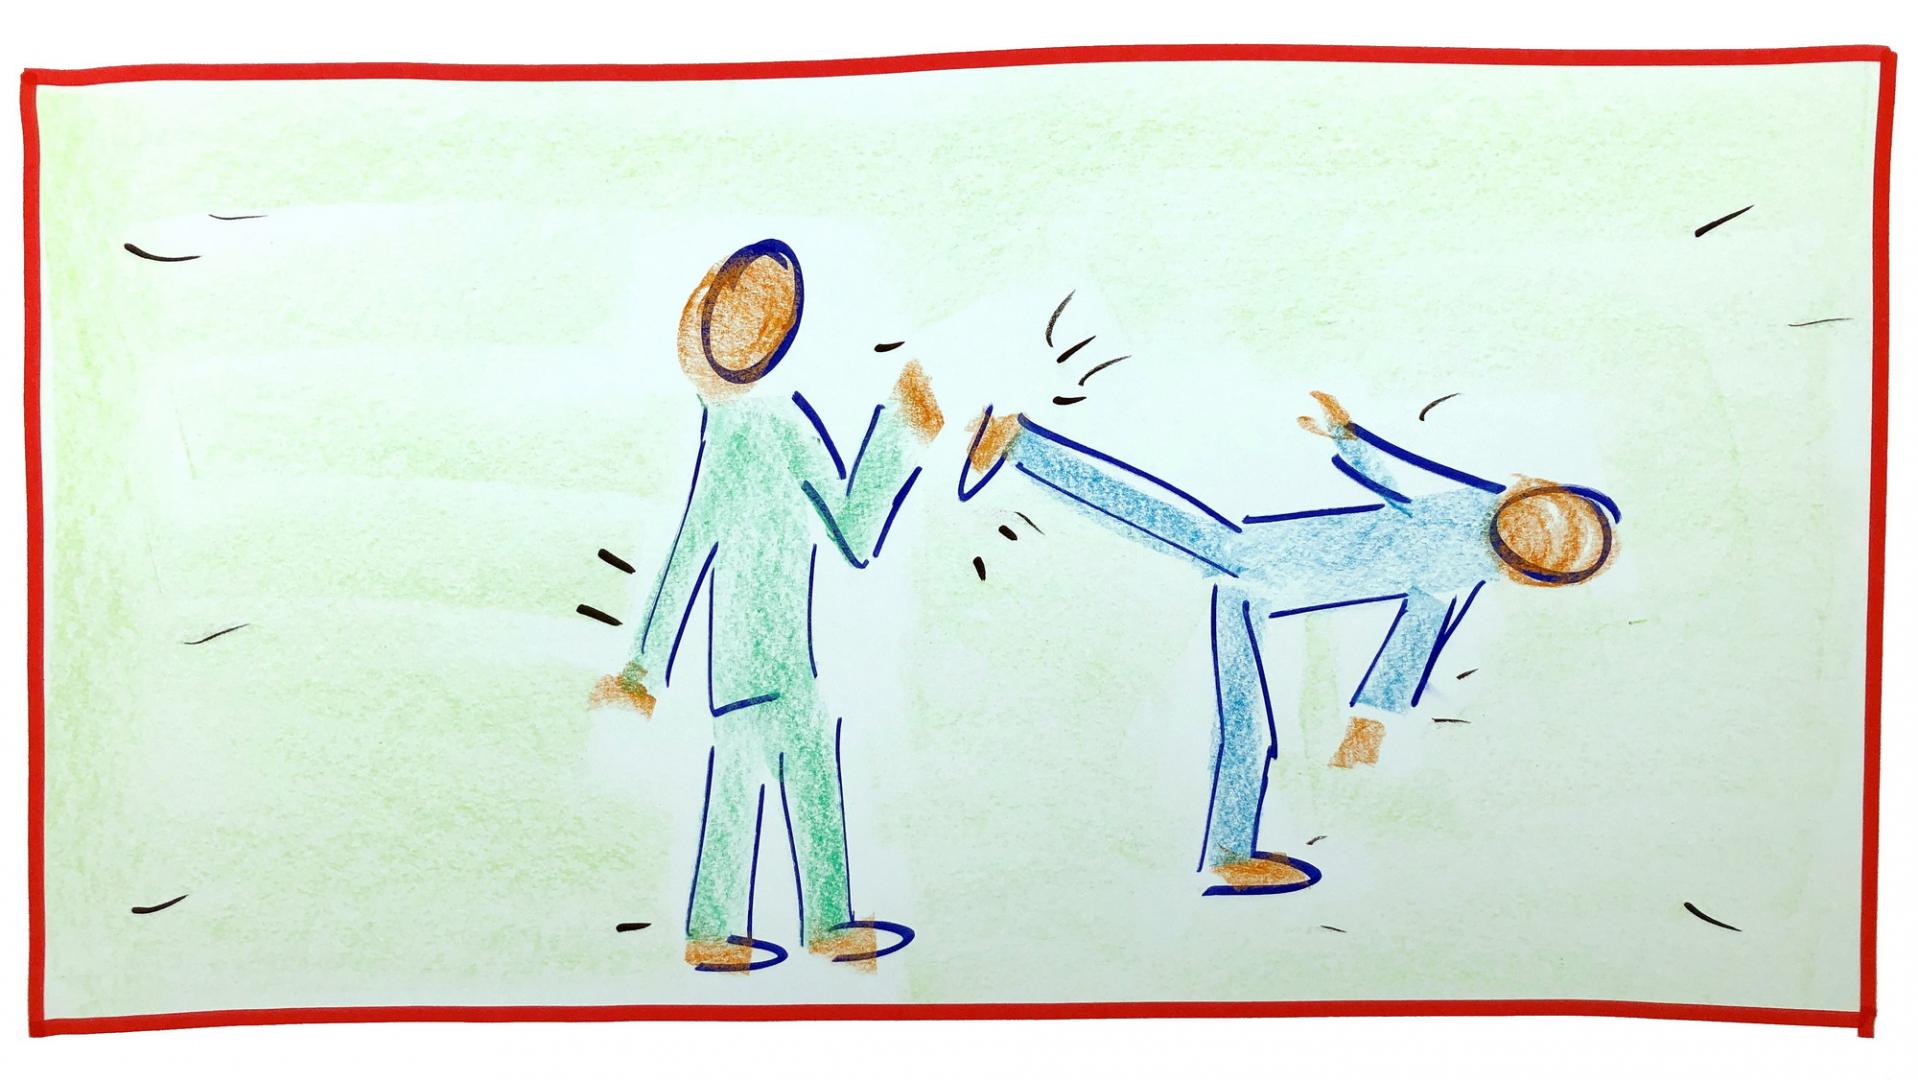 159 – Löse Deine Konflikte